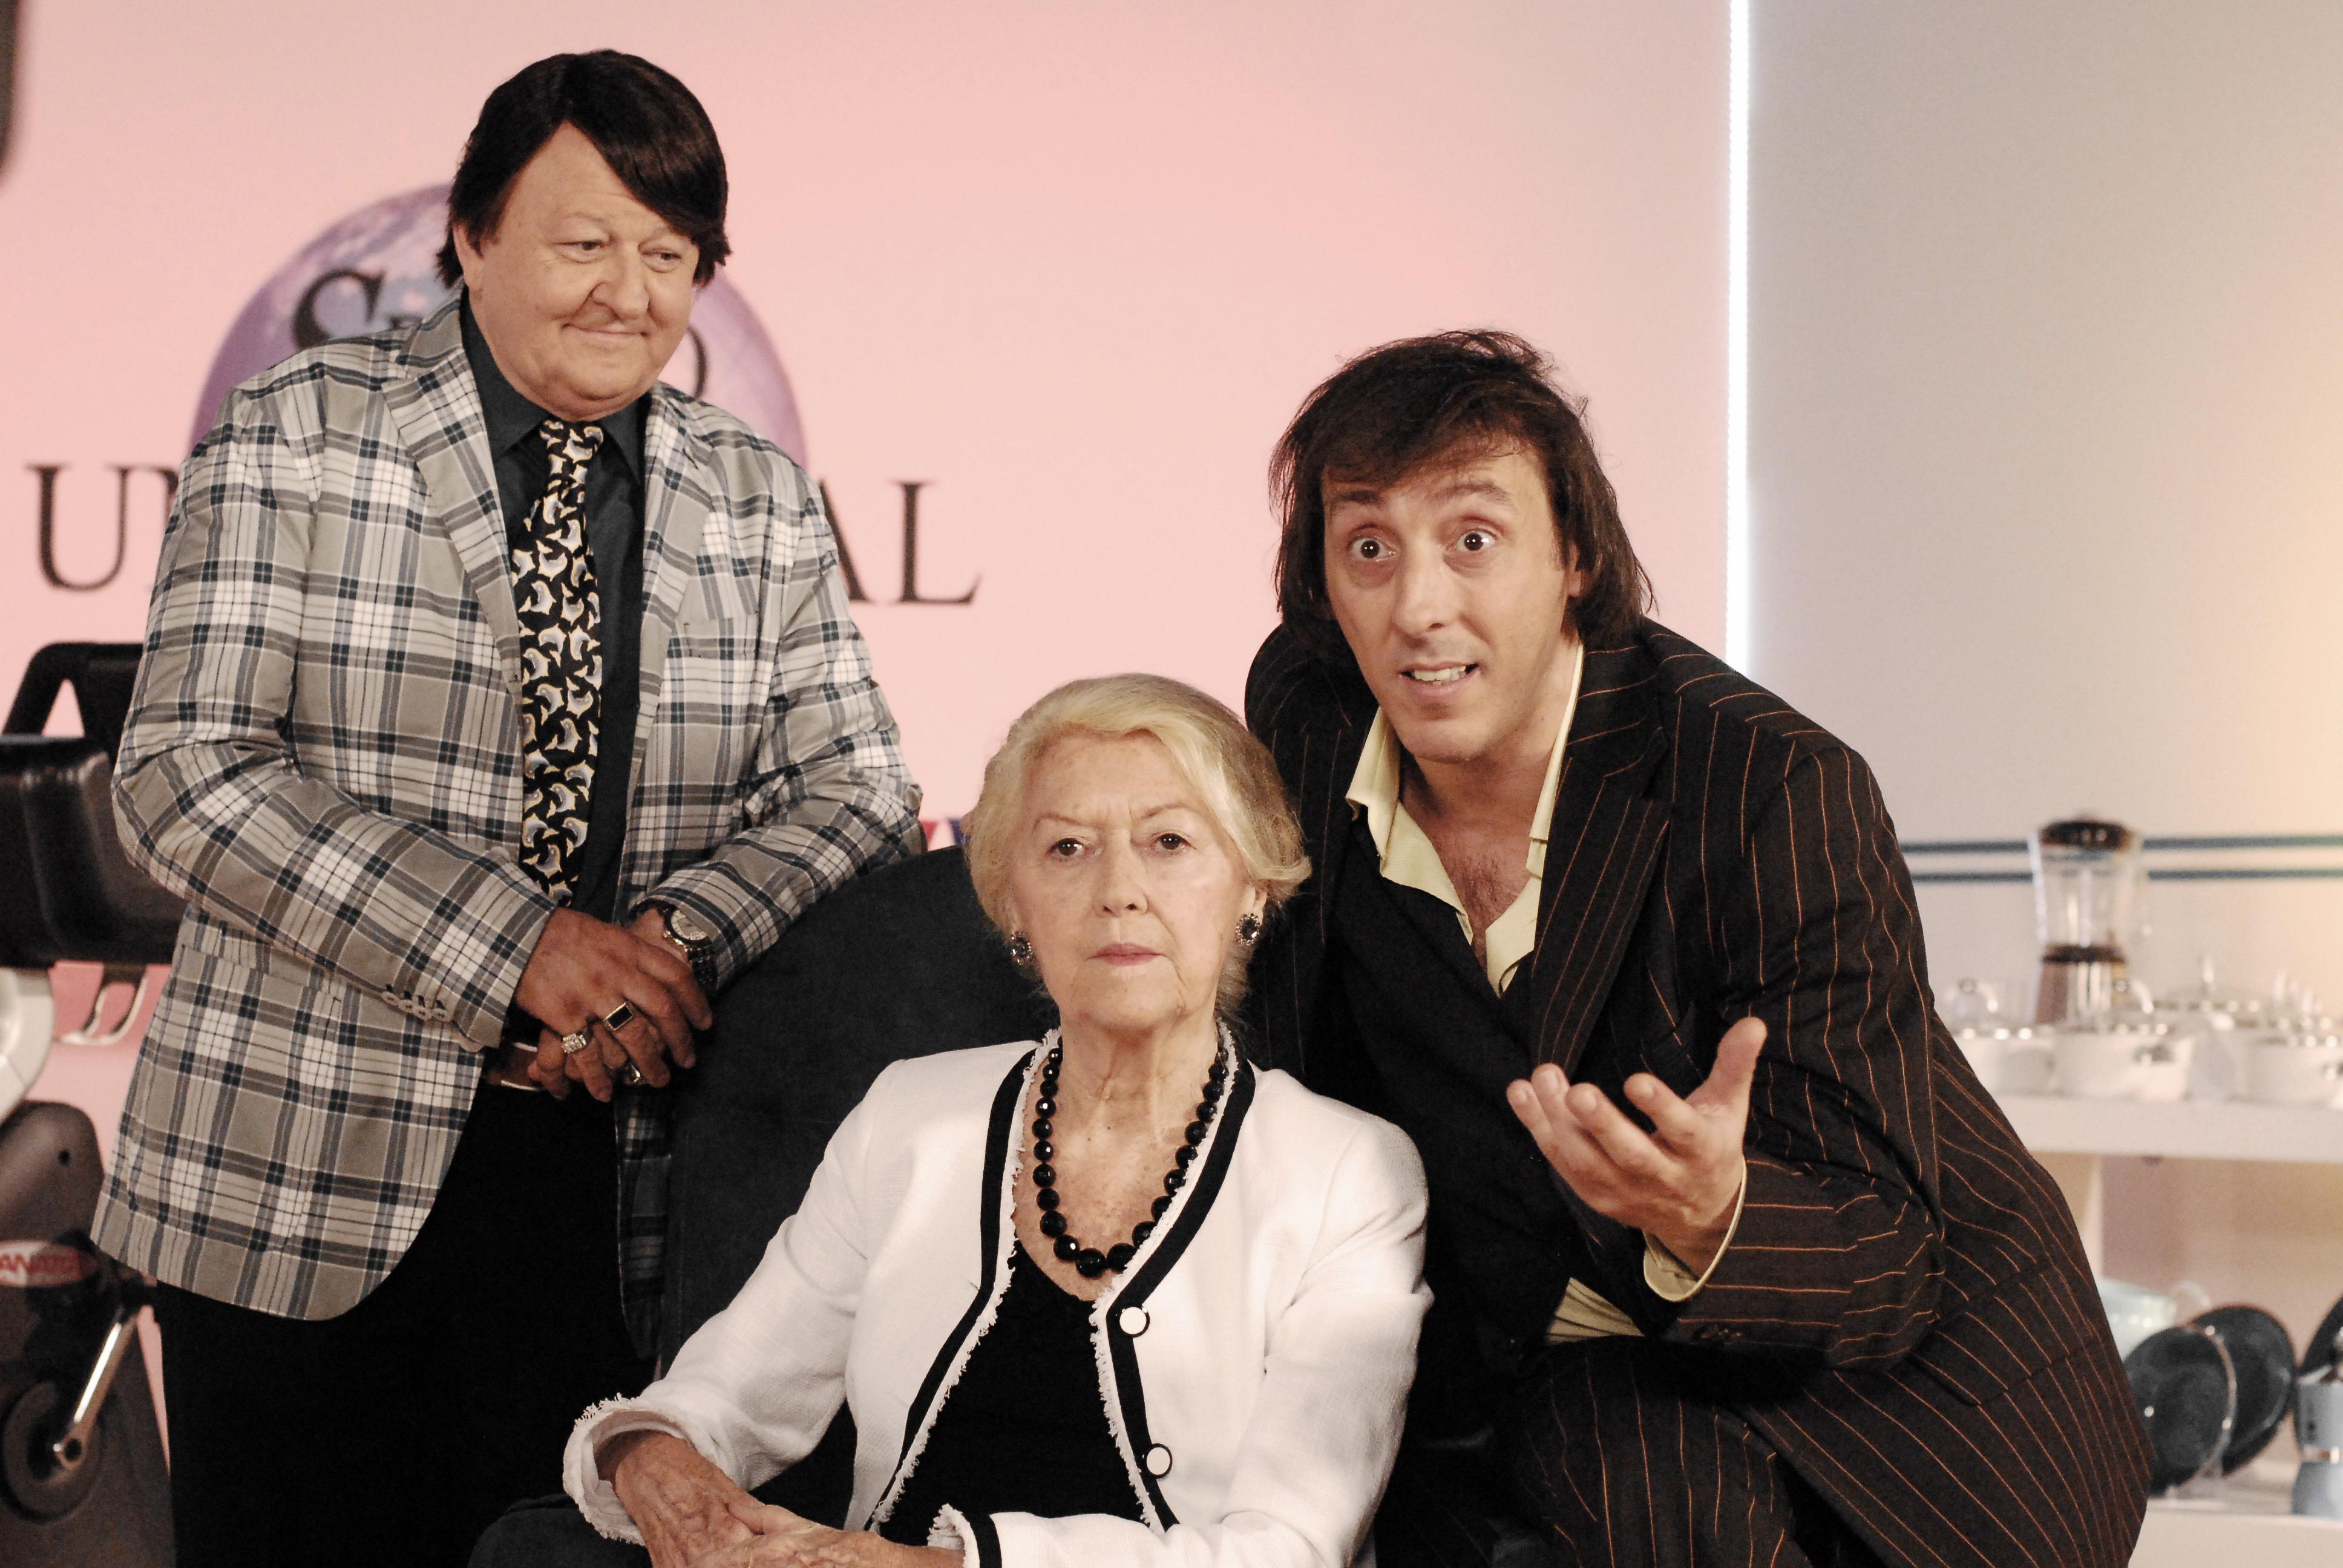 Stasera in TV, domenica 6 aprile 2014: Un medico in famiglia 9, Matrimonio a Parigi